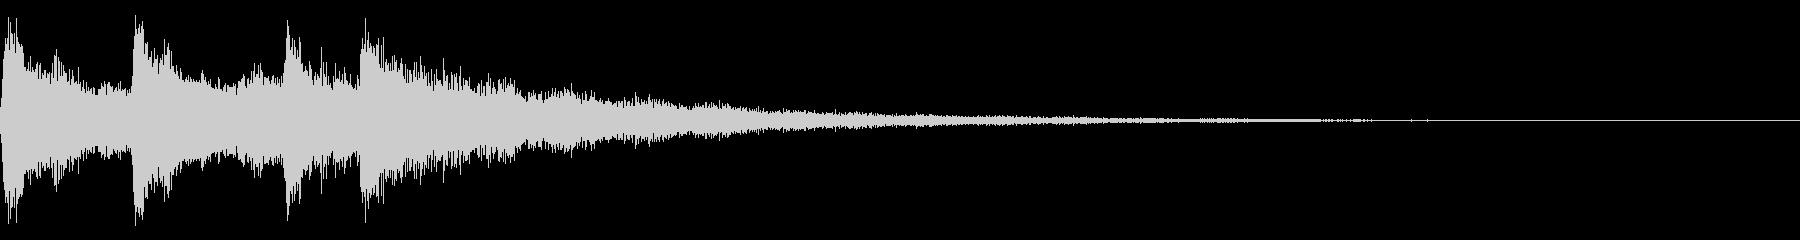 ミステリアスな音 恐怖シーンの演出にの未再生の波形